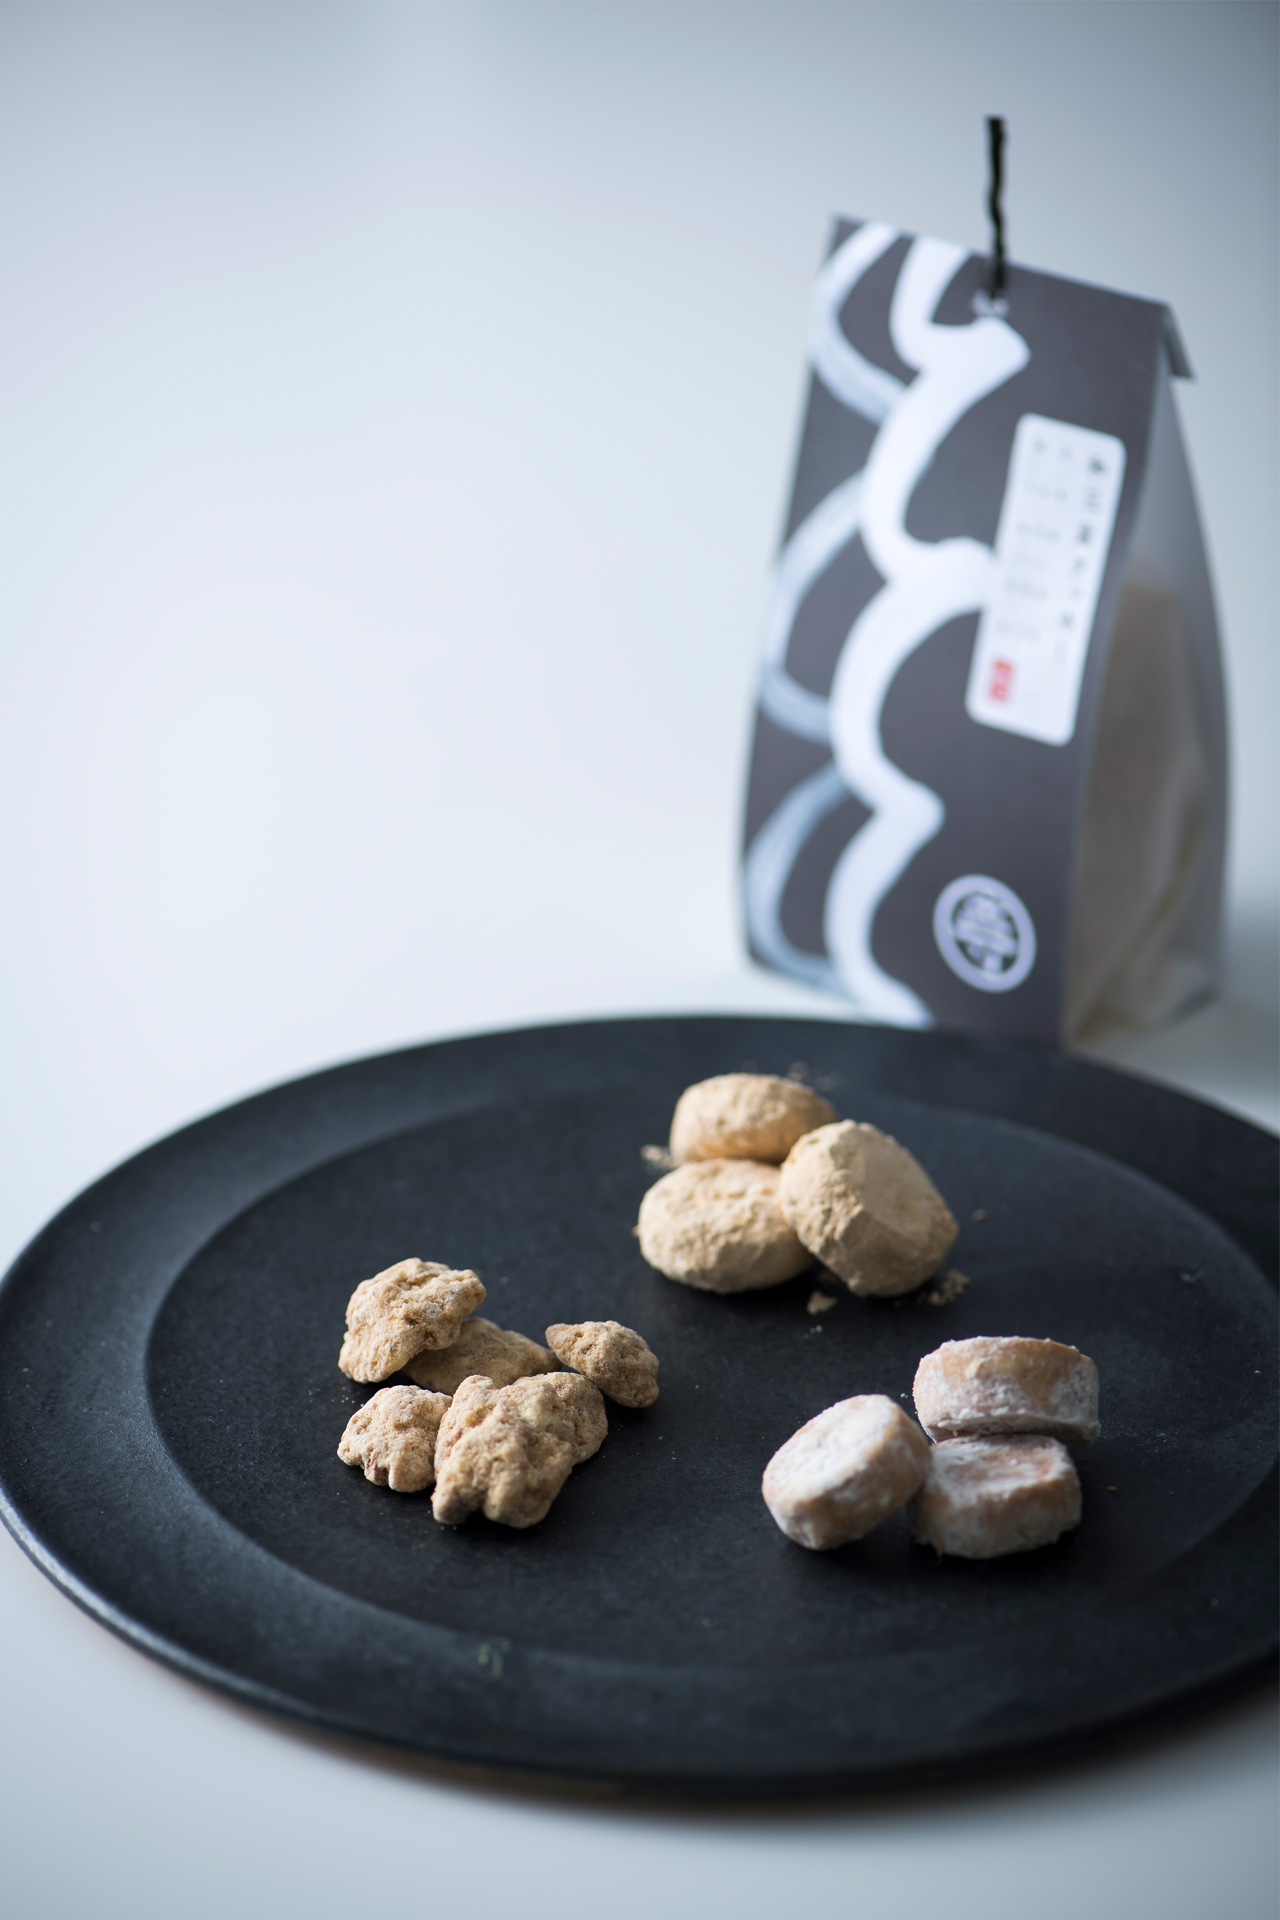 和三盆クッキー / きな粉クッキー / 胡桃ドラジェ